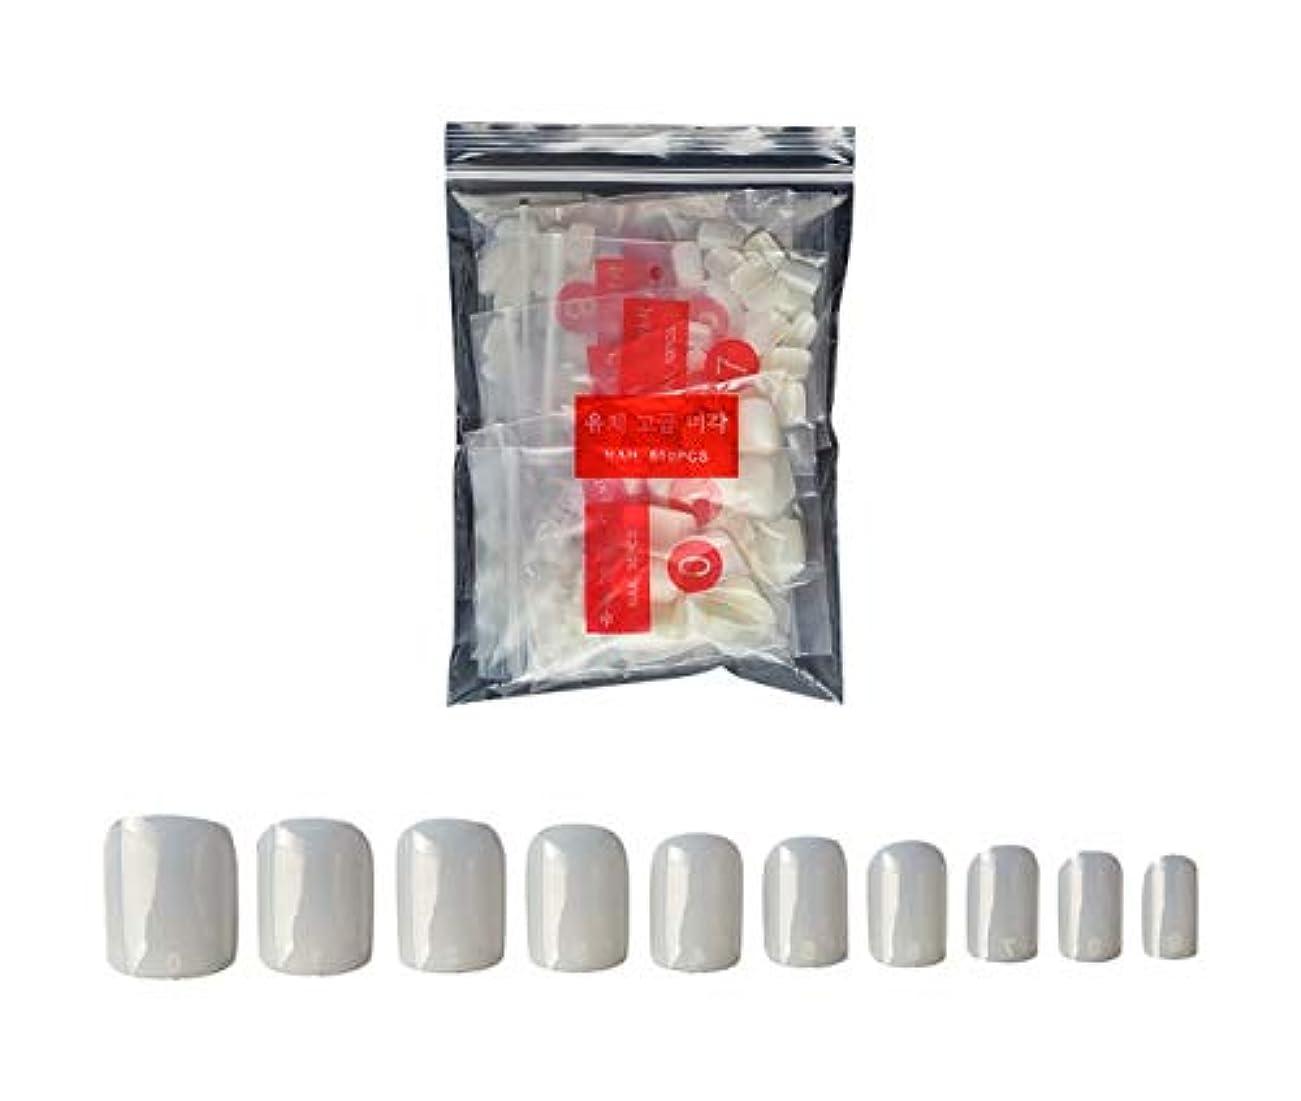 姉妹スコア明確にTianmey ナチュラルまあネイルのヒントハーフカバー偽の釘自宅でネイルサロンやDIYネイルアートのための10個のサイズを(ナチュラル) (Color : Natural)